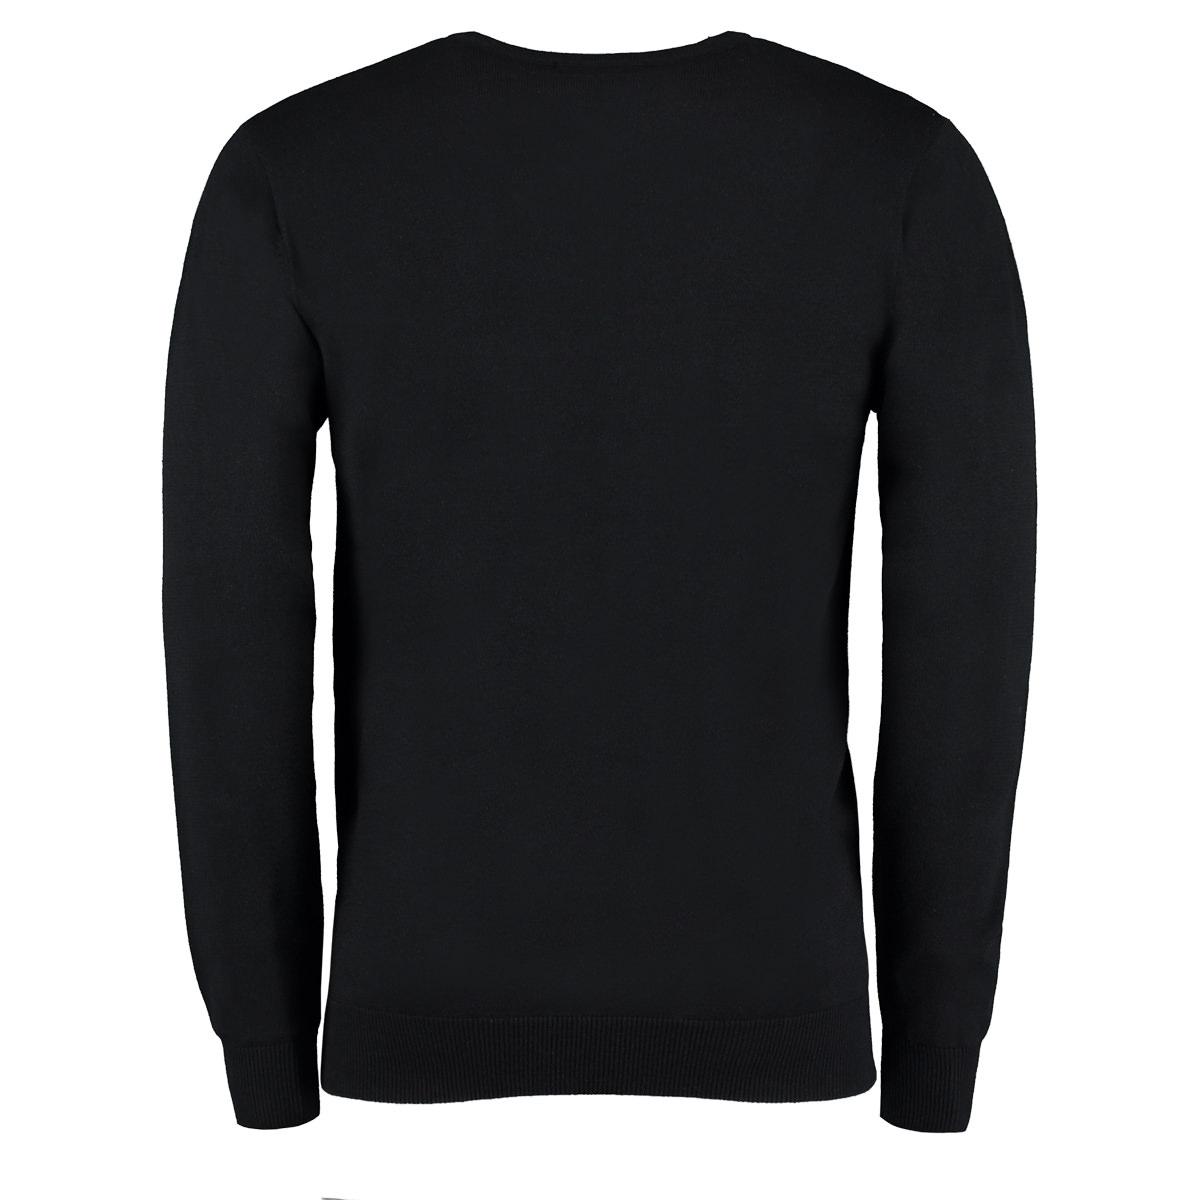 ASKAS 710M Acrylic V-Neck Pullover